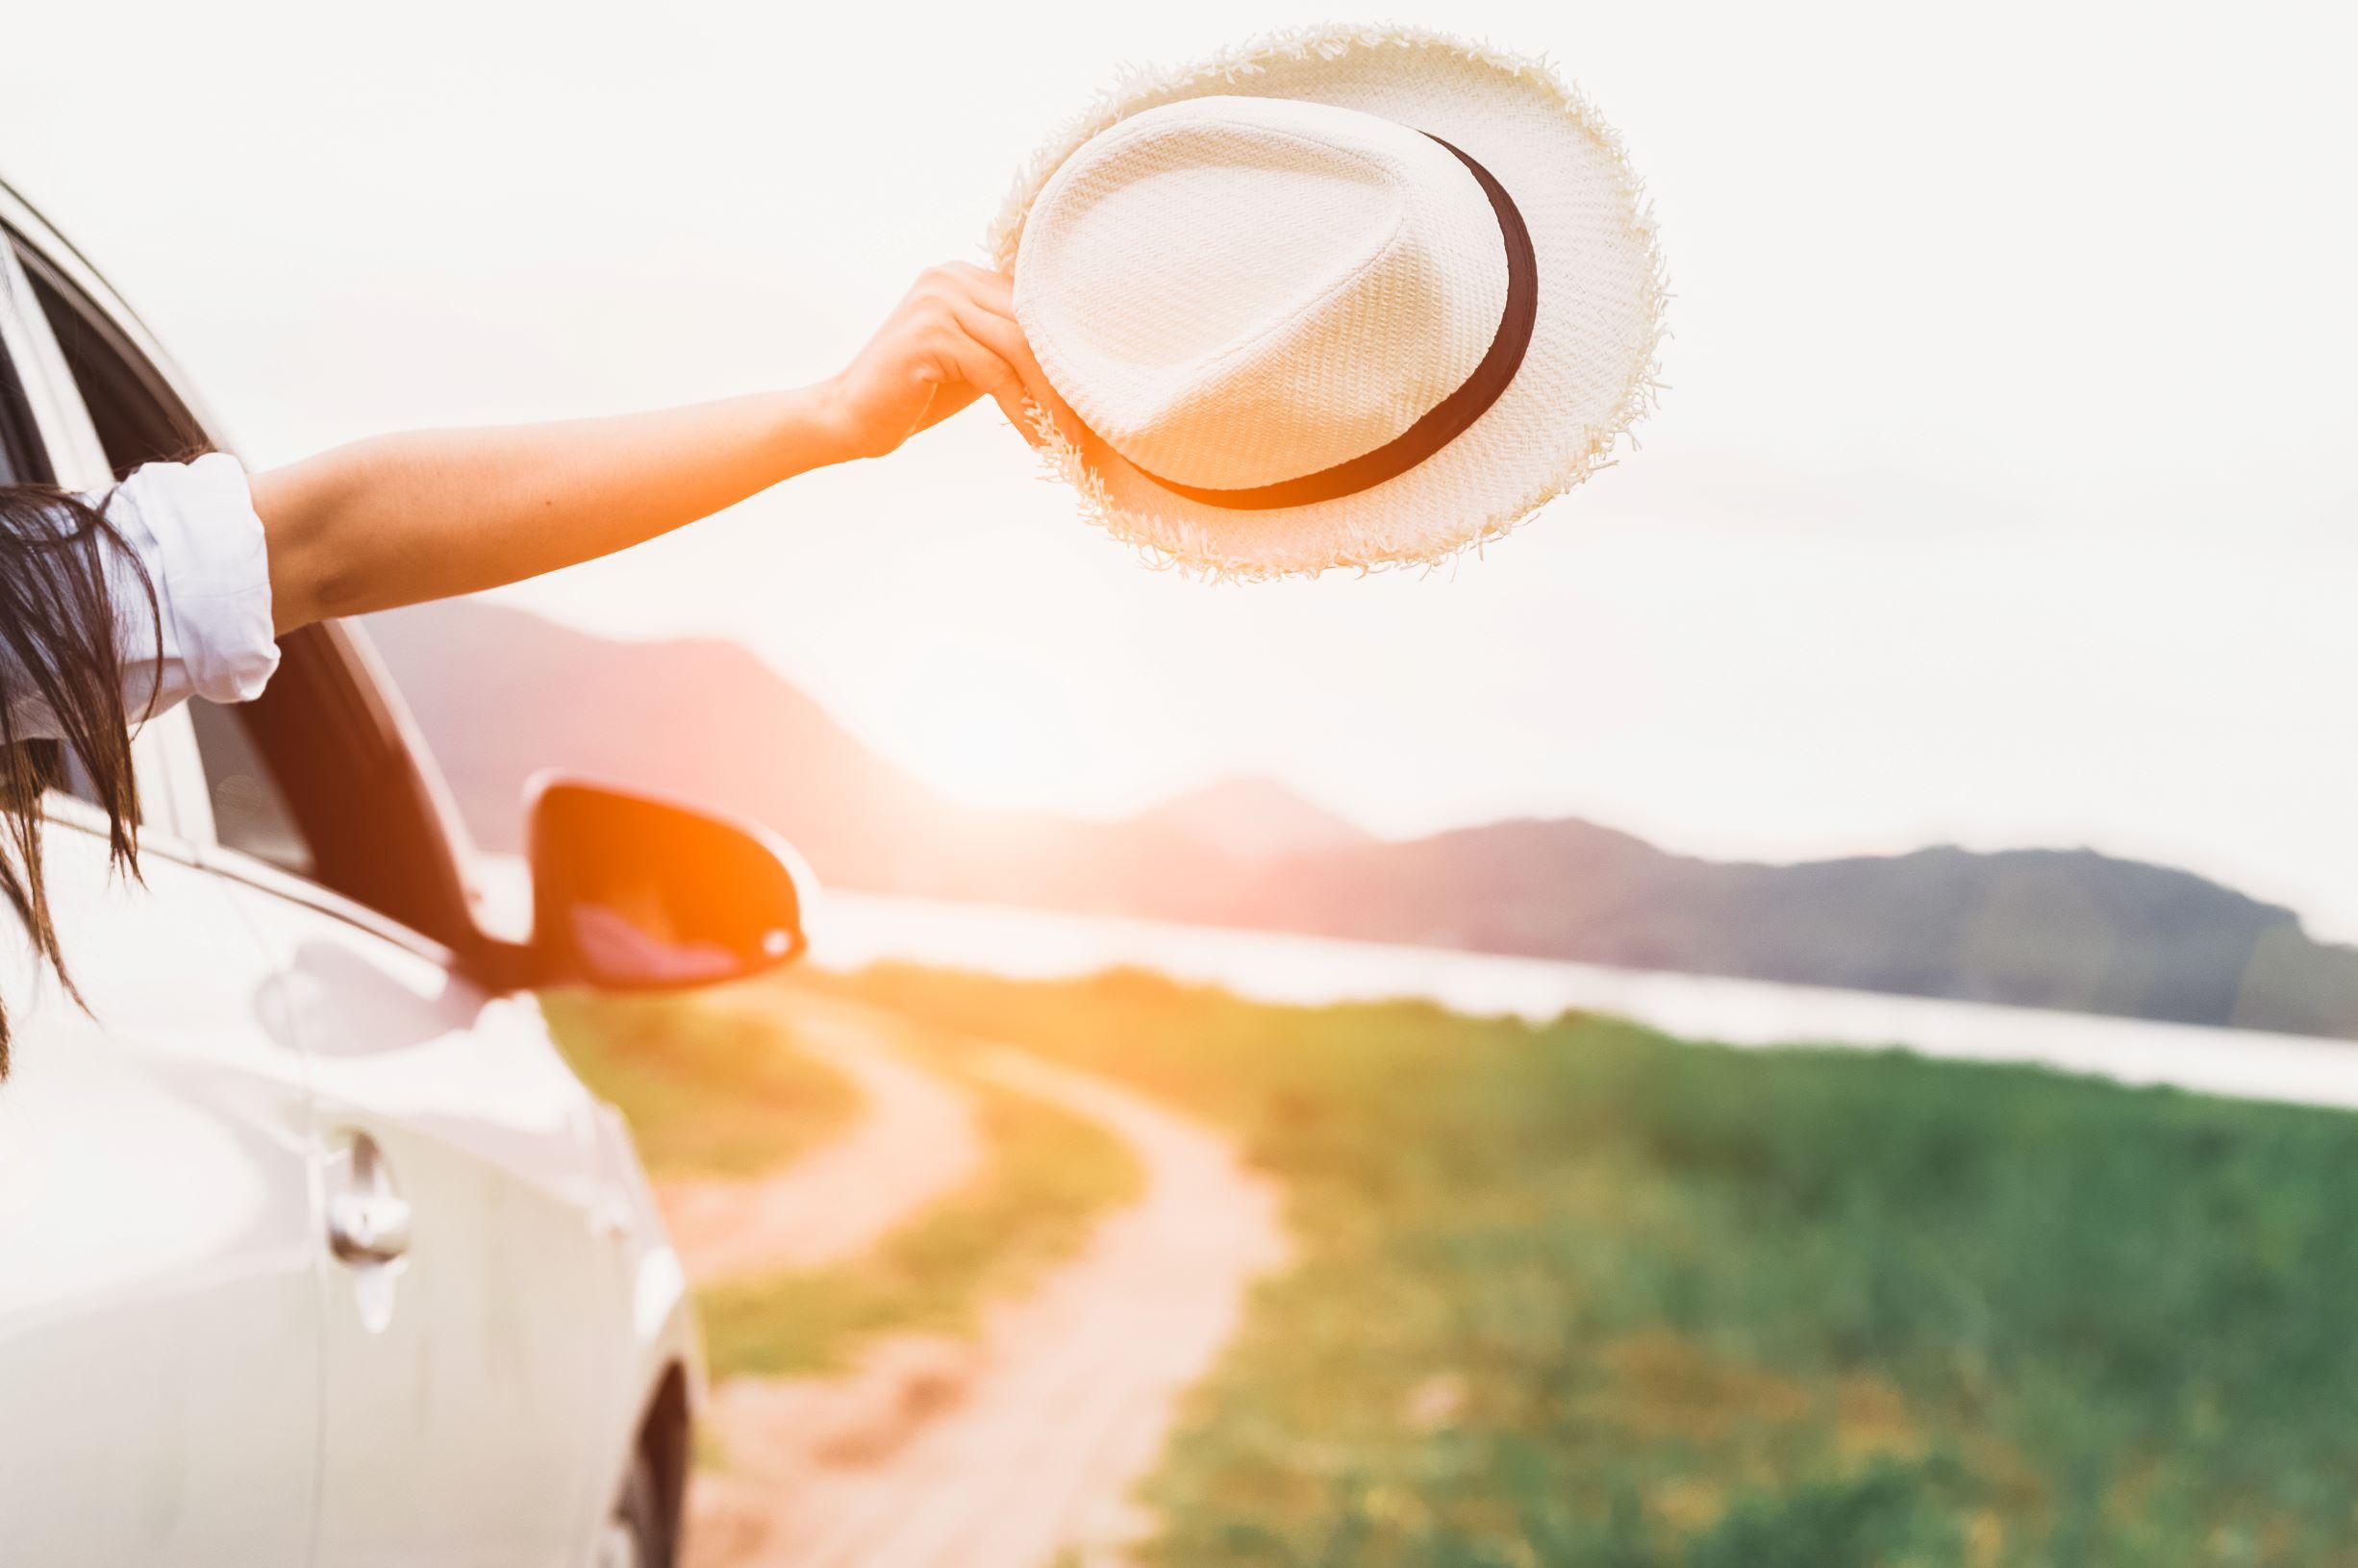 Une femme met son chapeau hors de la fenetre d'automobile.